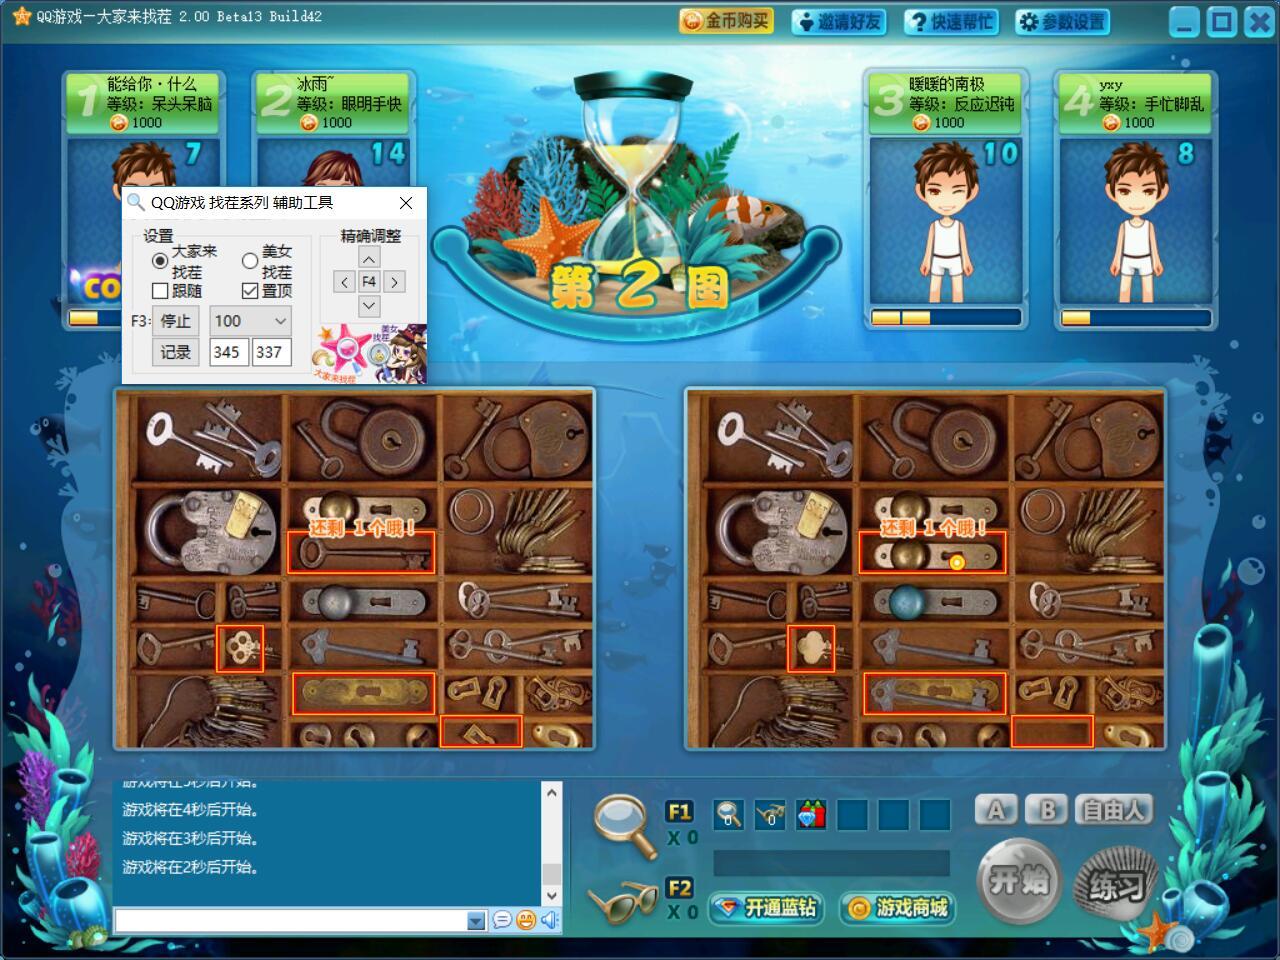 QQ游戏找茬系列辅助源码+带废品